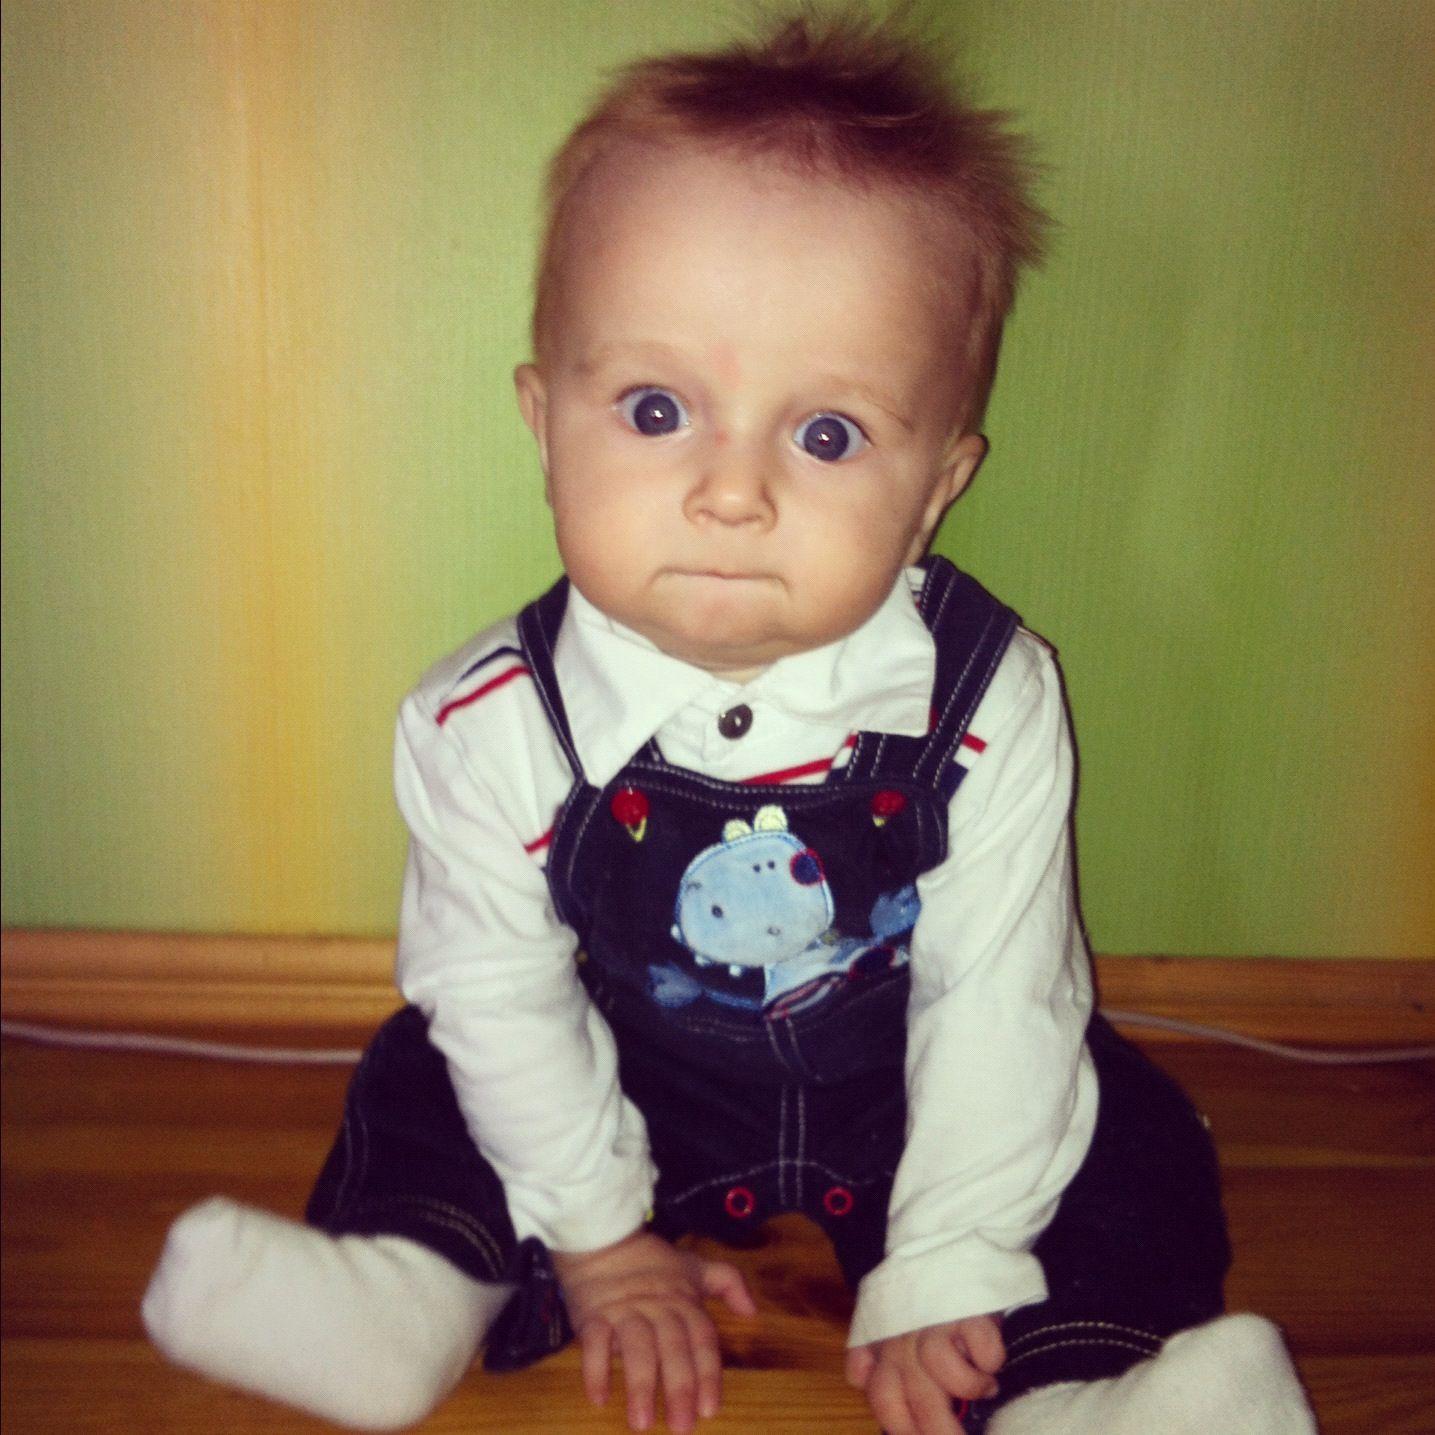 The cutest boy!